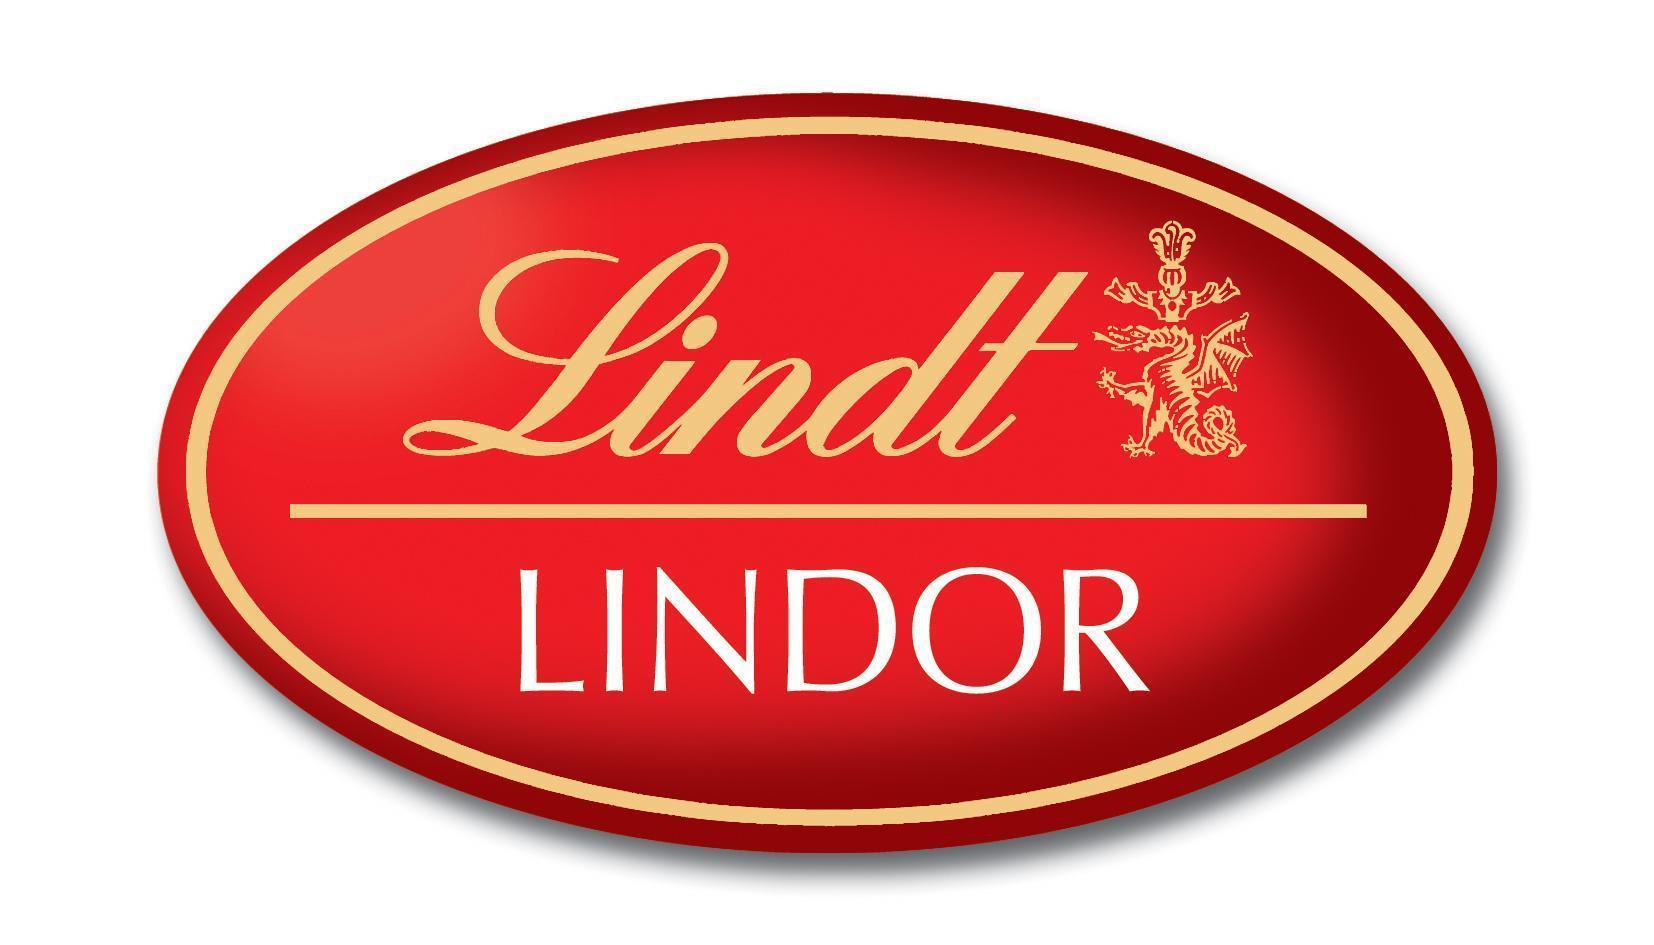 Image result for lindt images